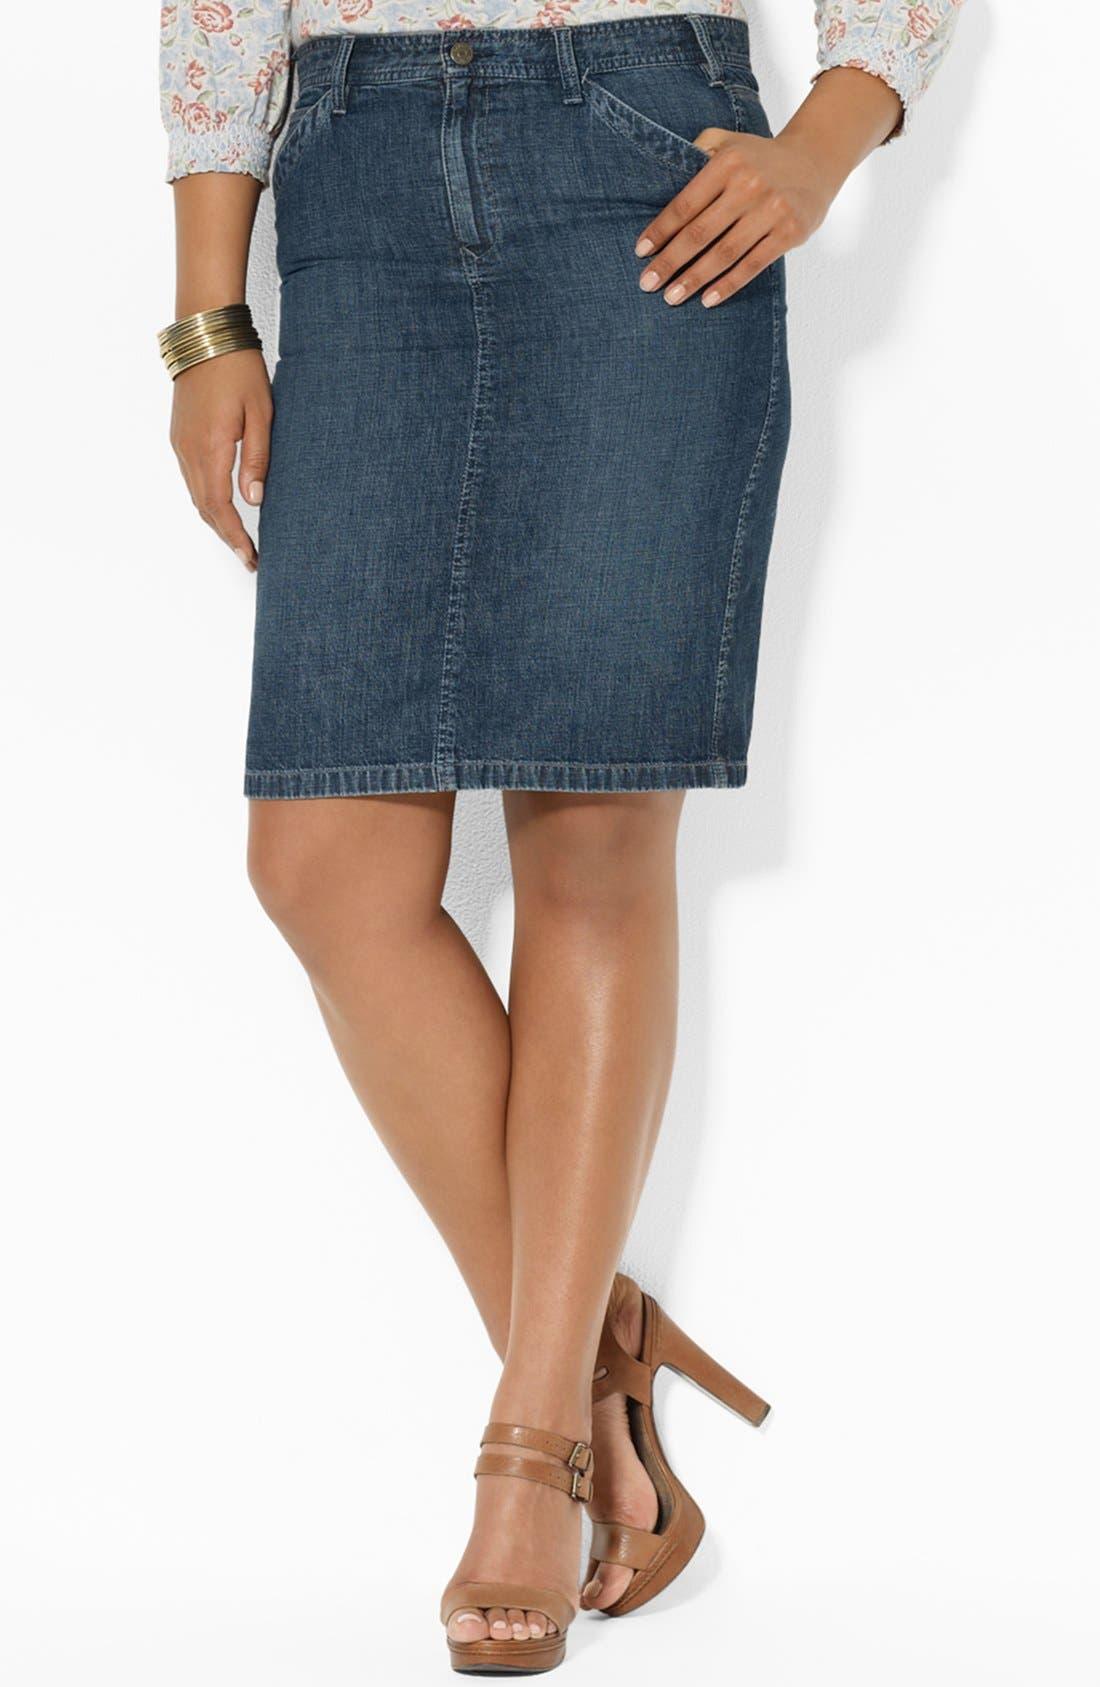 Alternate Image 1 Selected - Lauren Ralph Lauren Straight Denim Skirt (Plus Size)